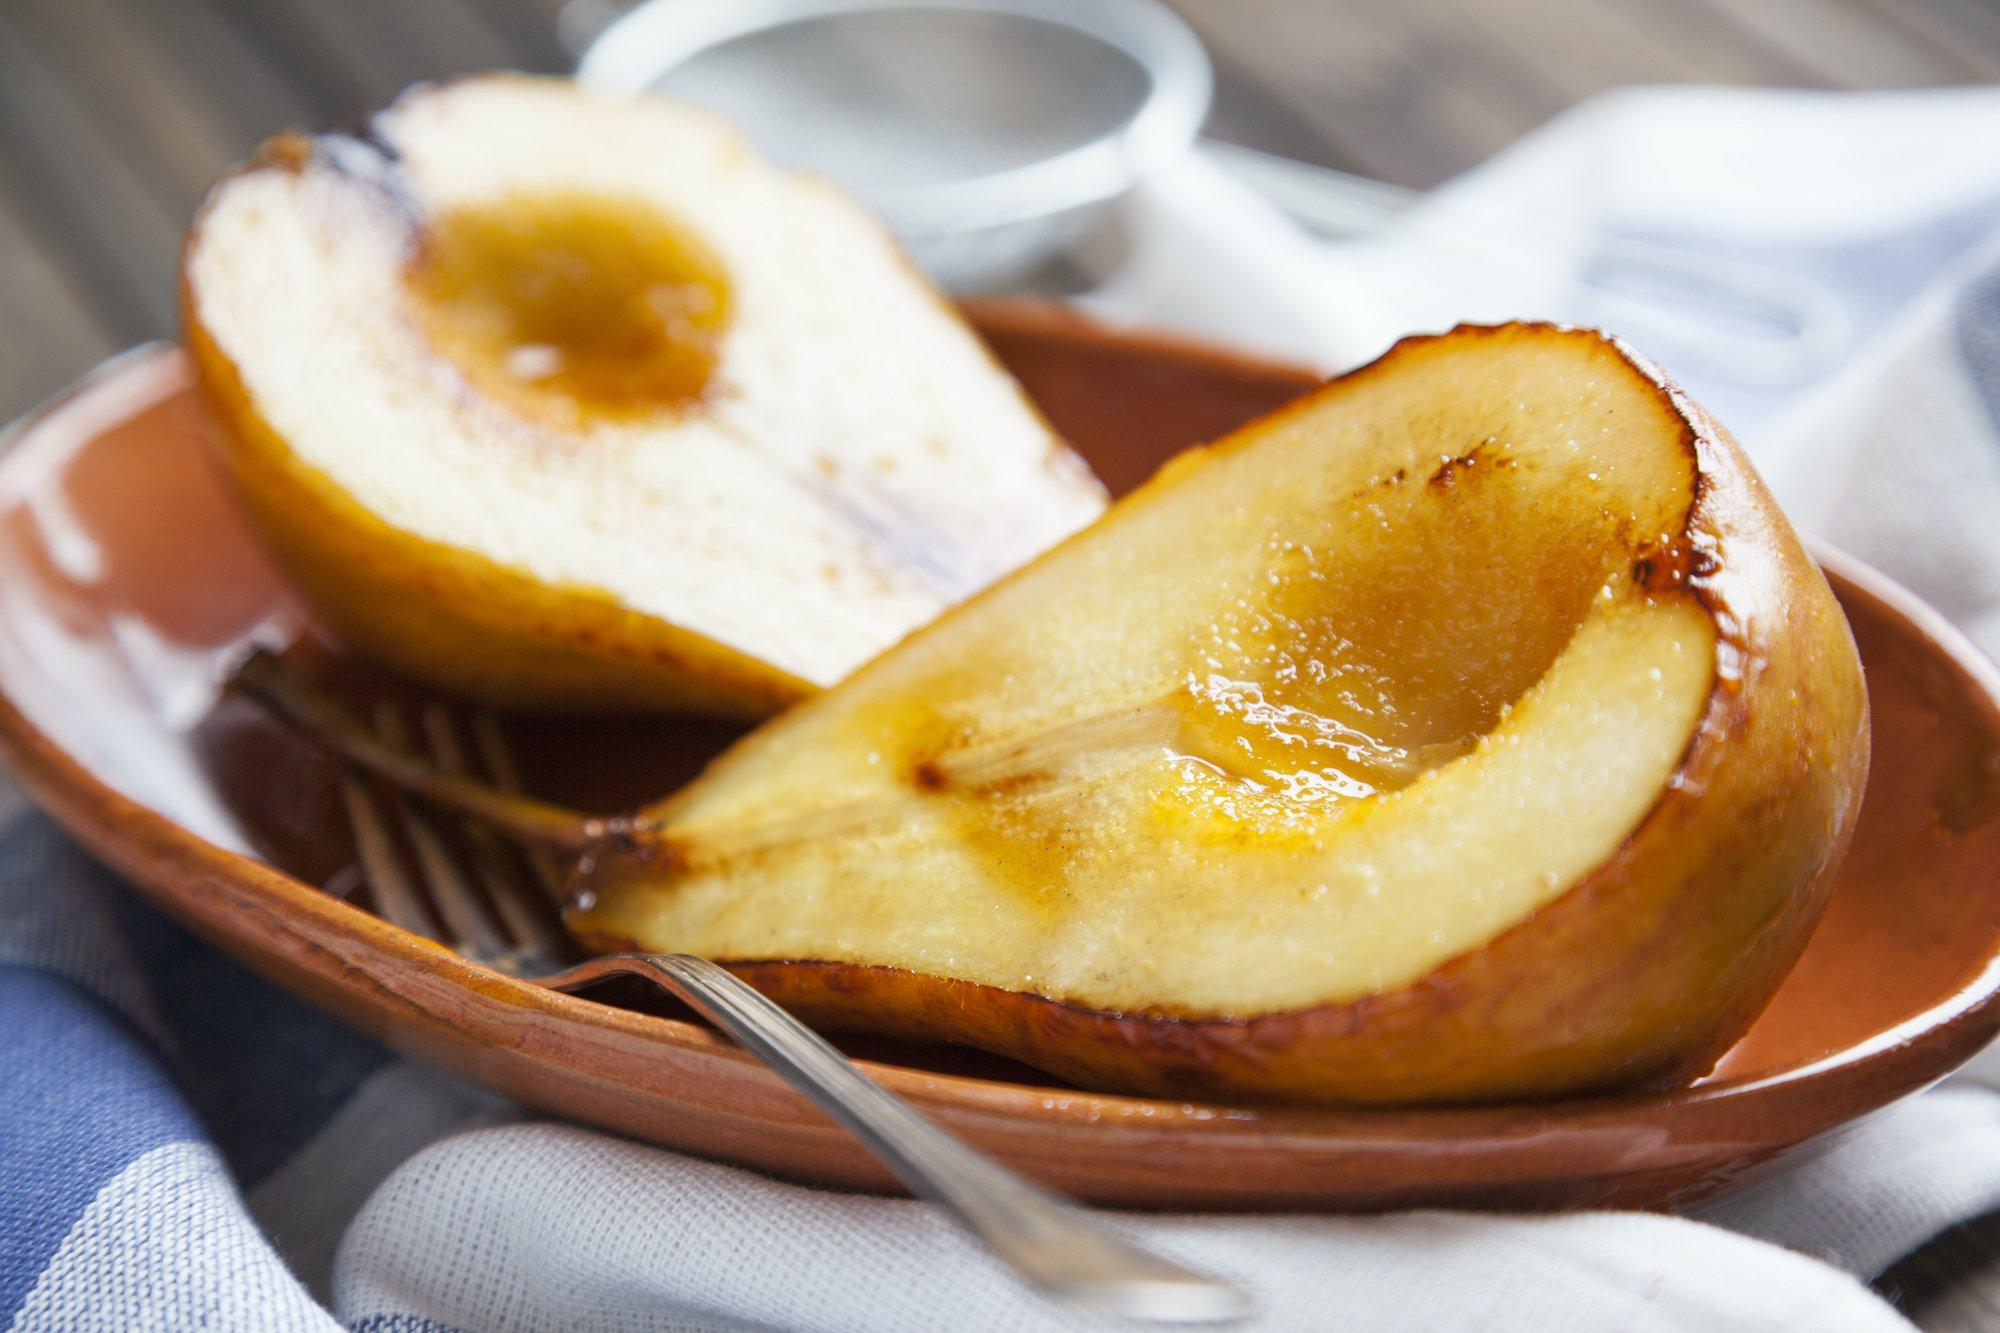 Pere caramellate in padella: squisito dessert pronto in 10 minuti